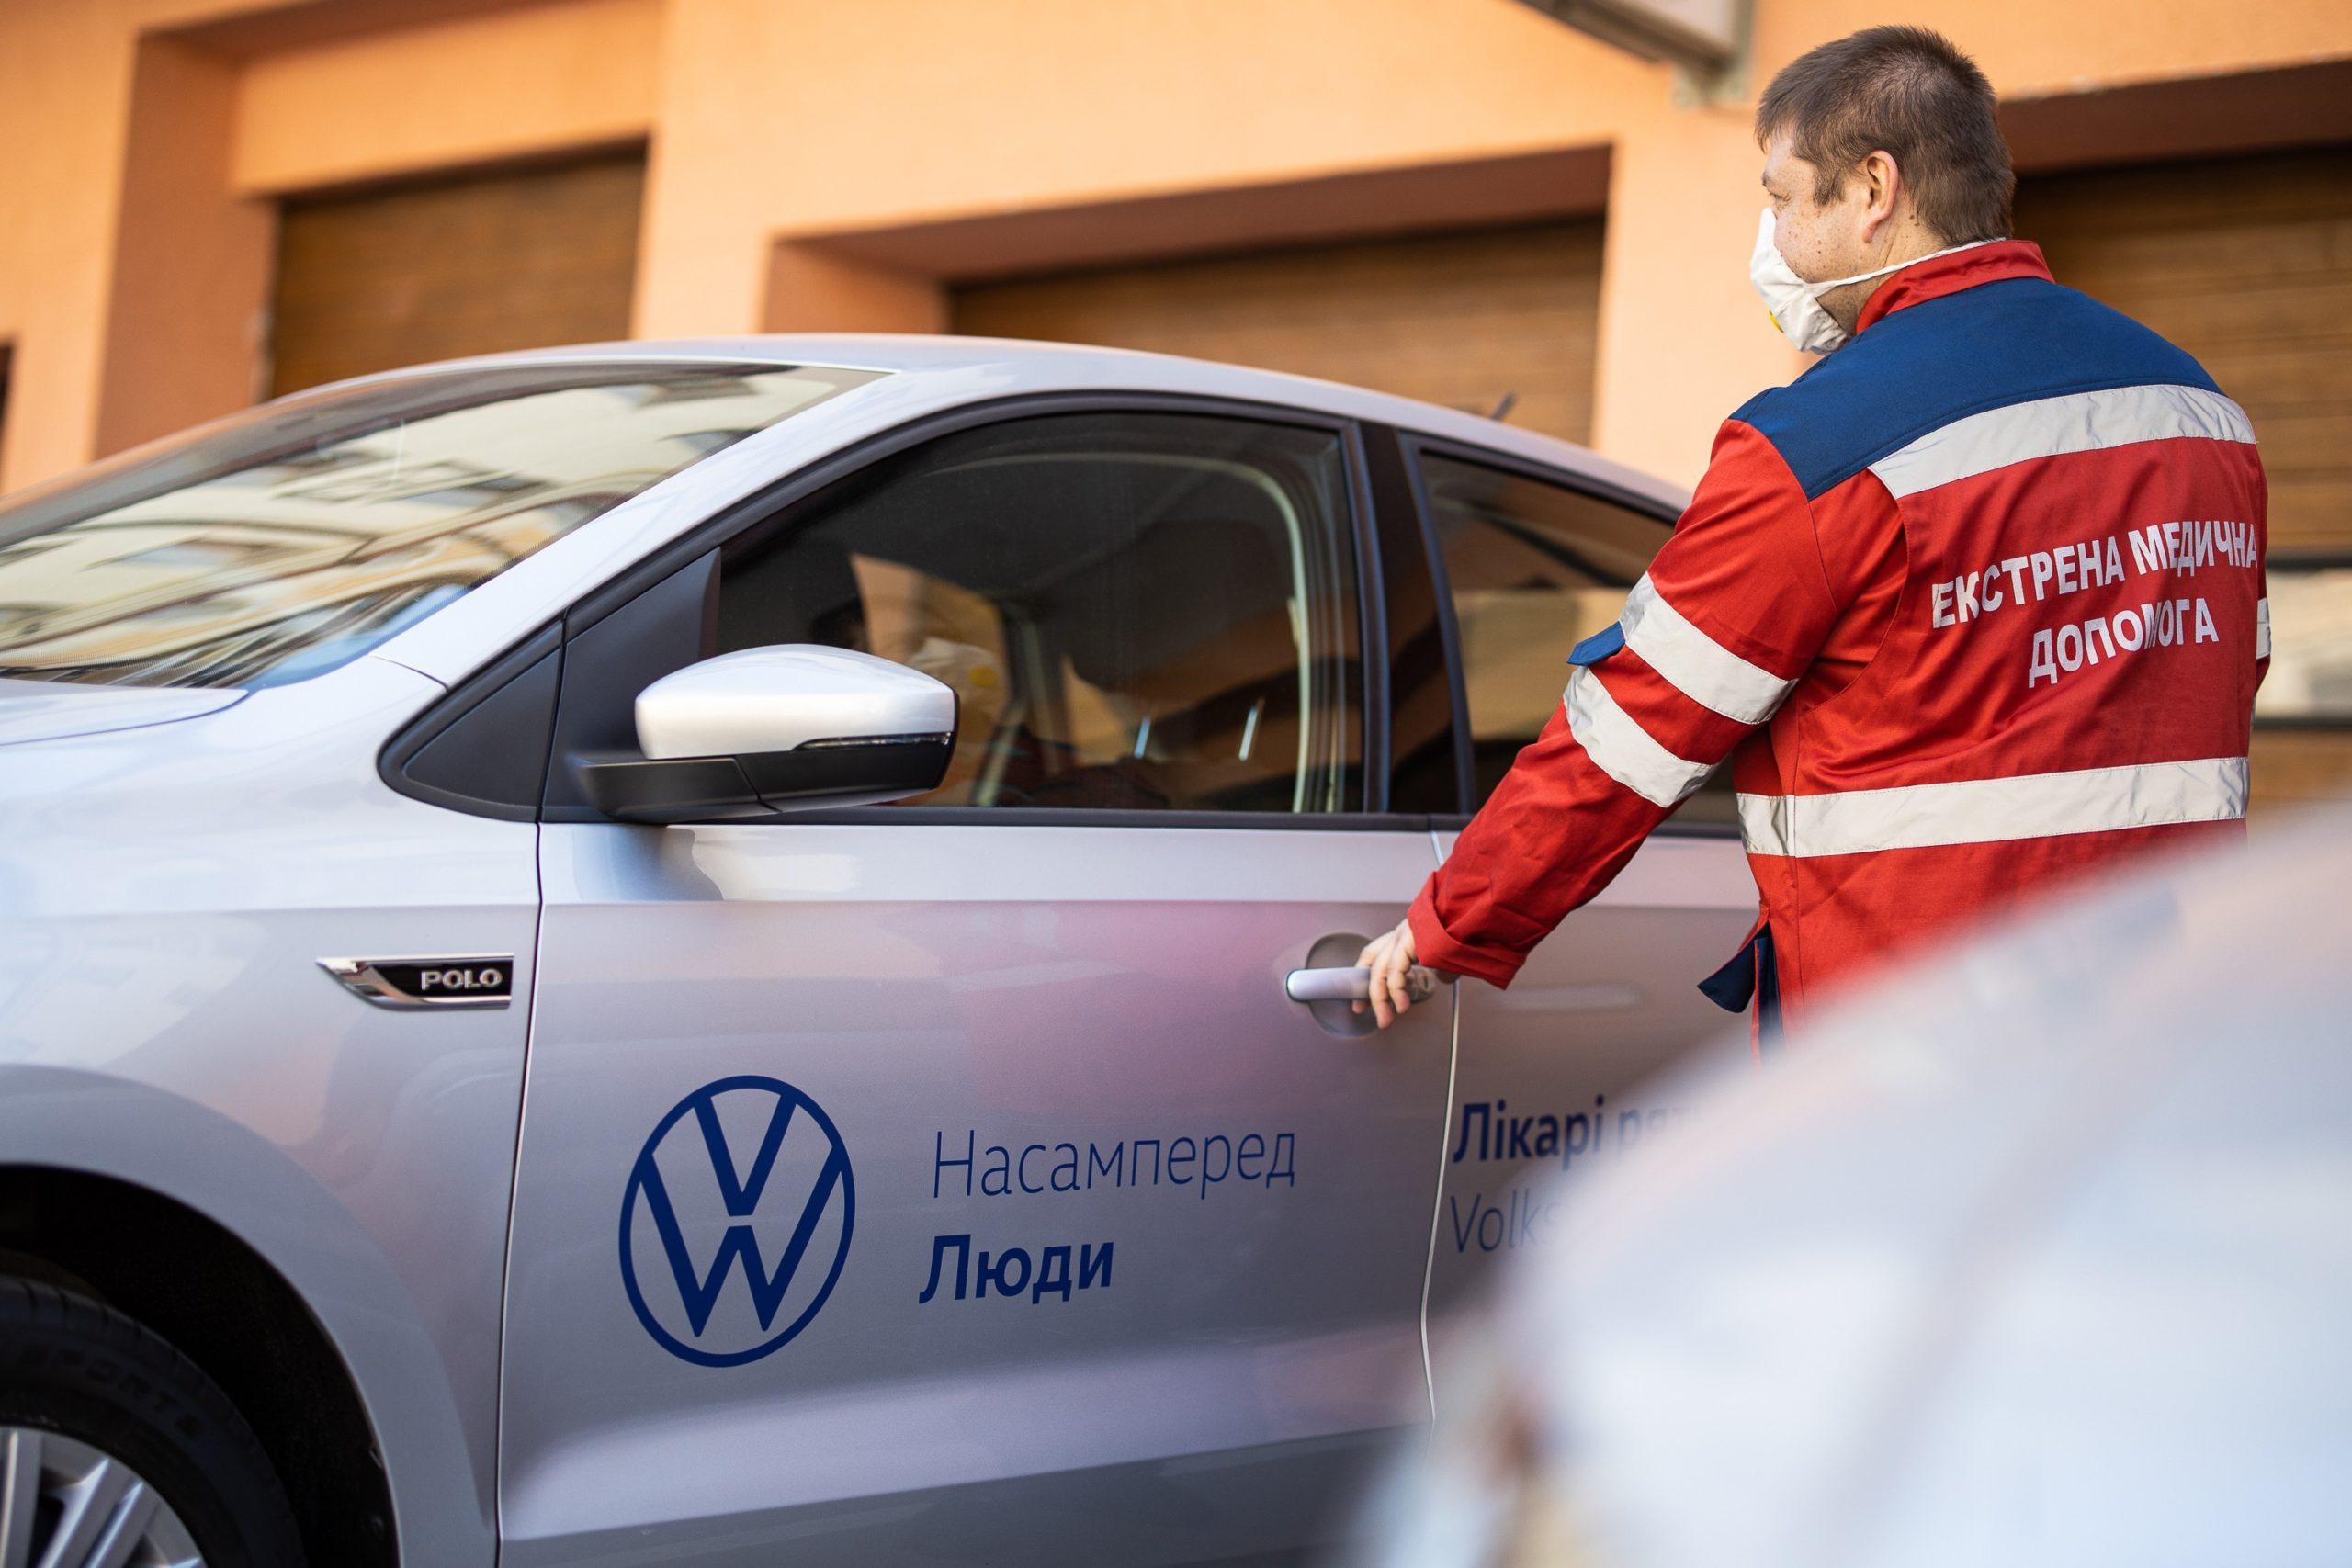 2500 перевезень та 140 днів допомоги: Порше Україна та Volkswagen продовжують підтримувати мед. працівників в період пандемії